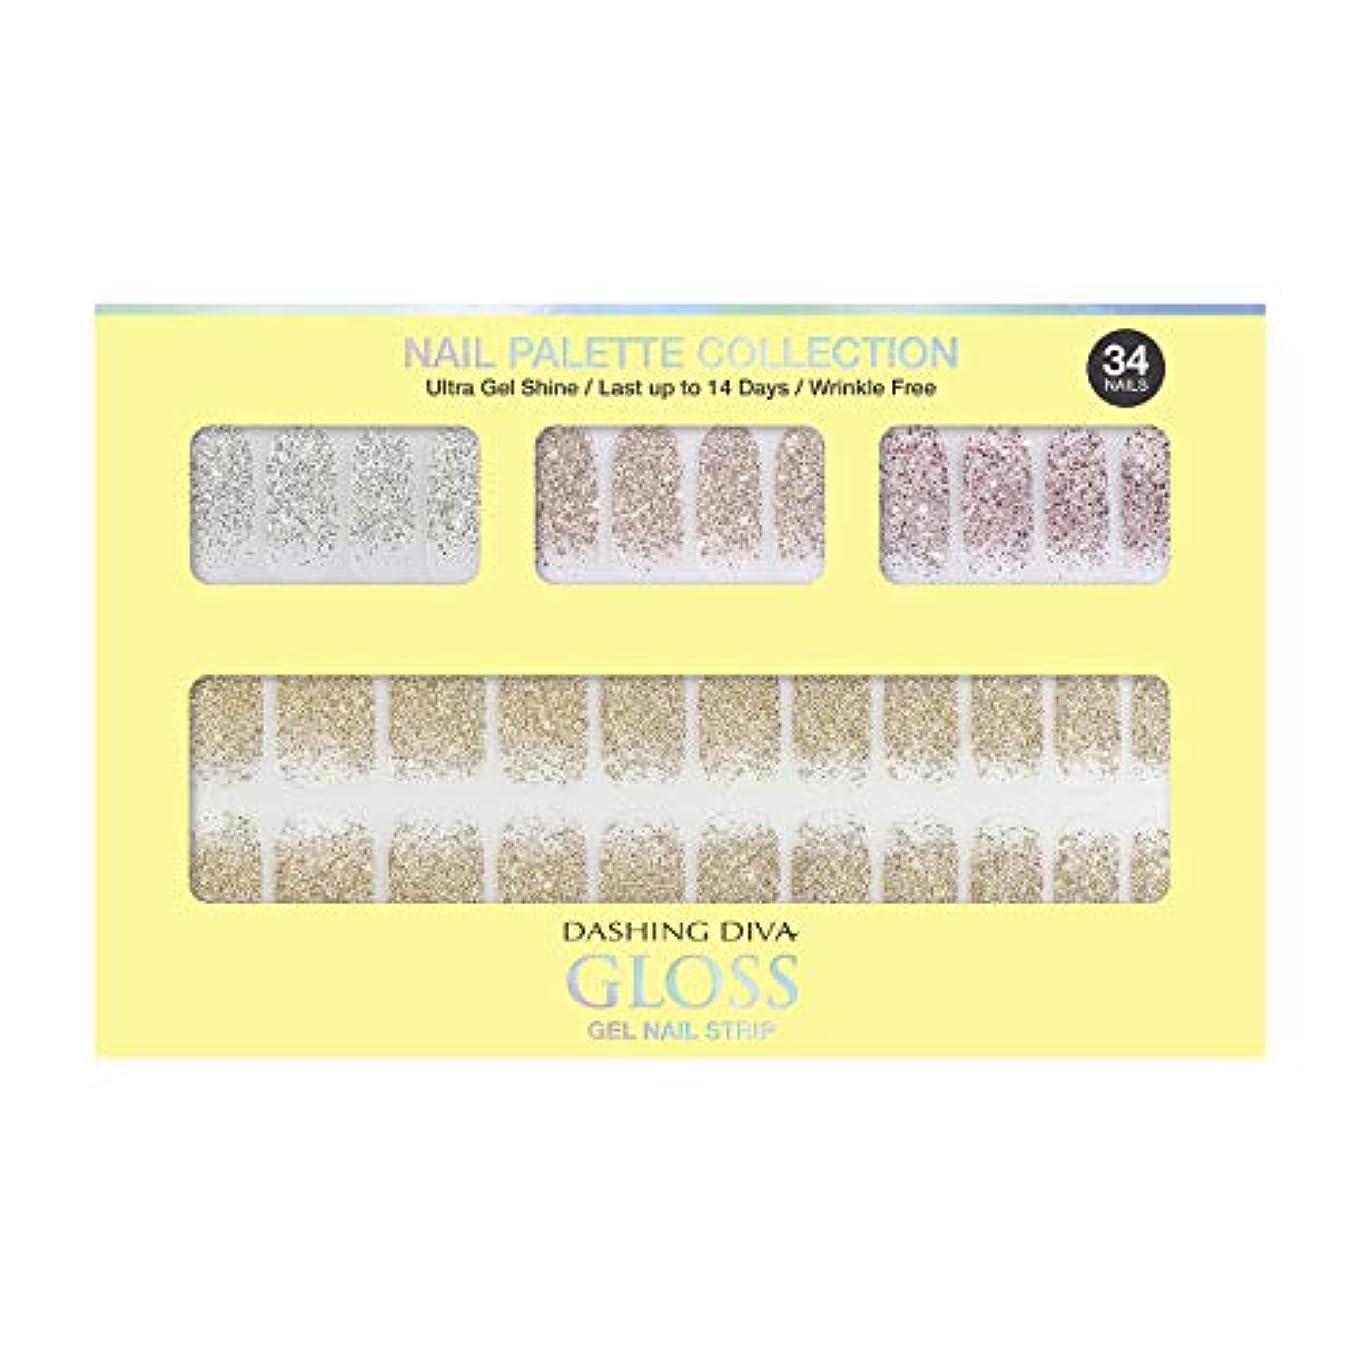 解決クリスチャン使い込むダッシングディバ グロスジェル ネイルストリップ DASHING DIVA Gloss Gel Nail Strip DGNP07-DURY+ オリジナルジェル ネイルシール Lemon #07 Sparkling Powder